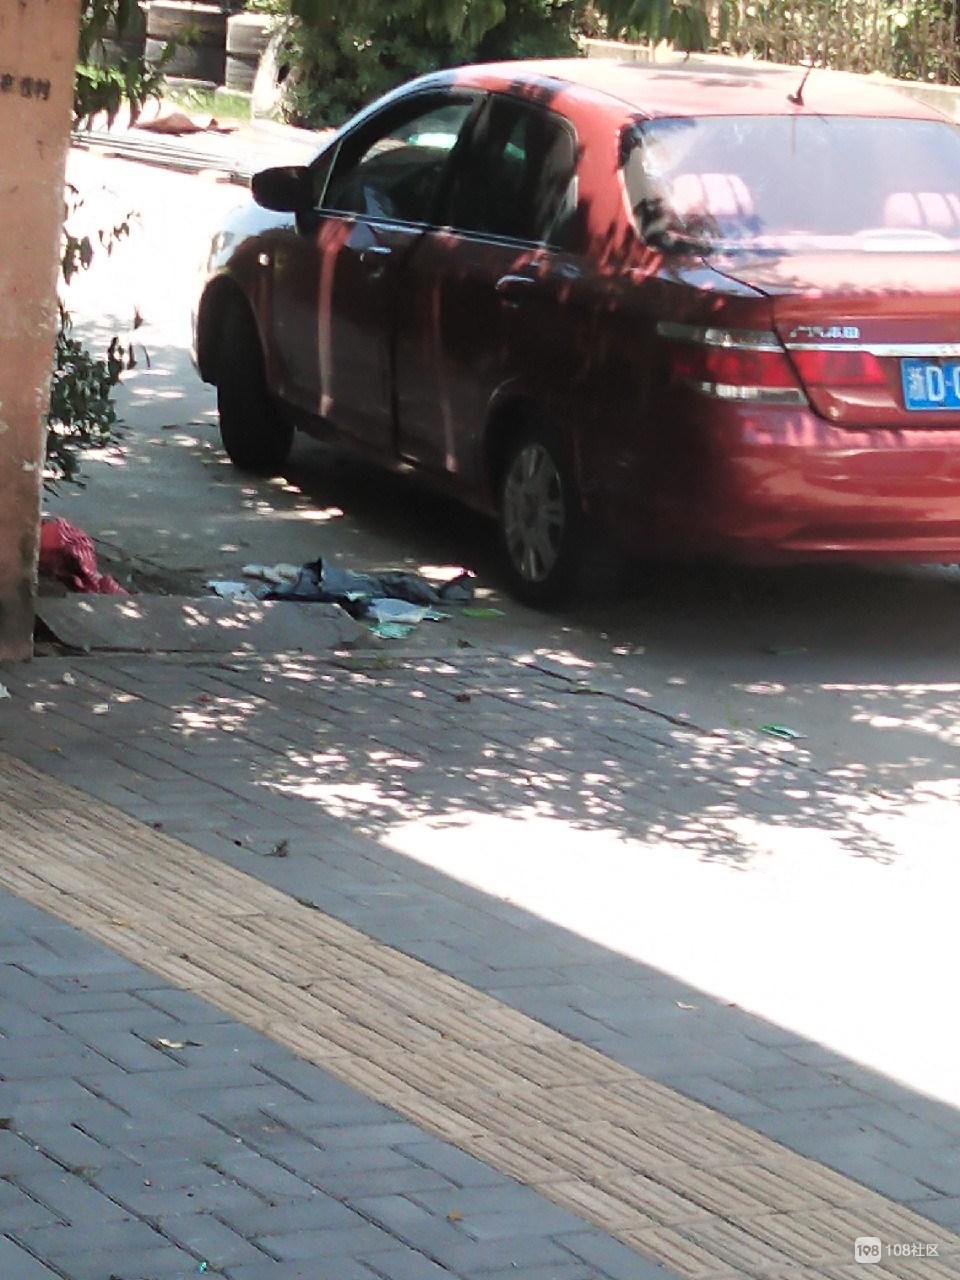 谢塘这桃树下有情况?衣服裤子扔在车旁 地上还有一堆纸巾